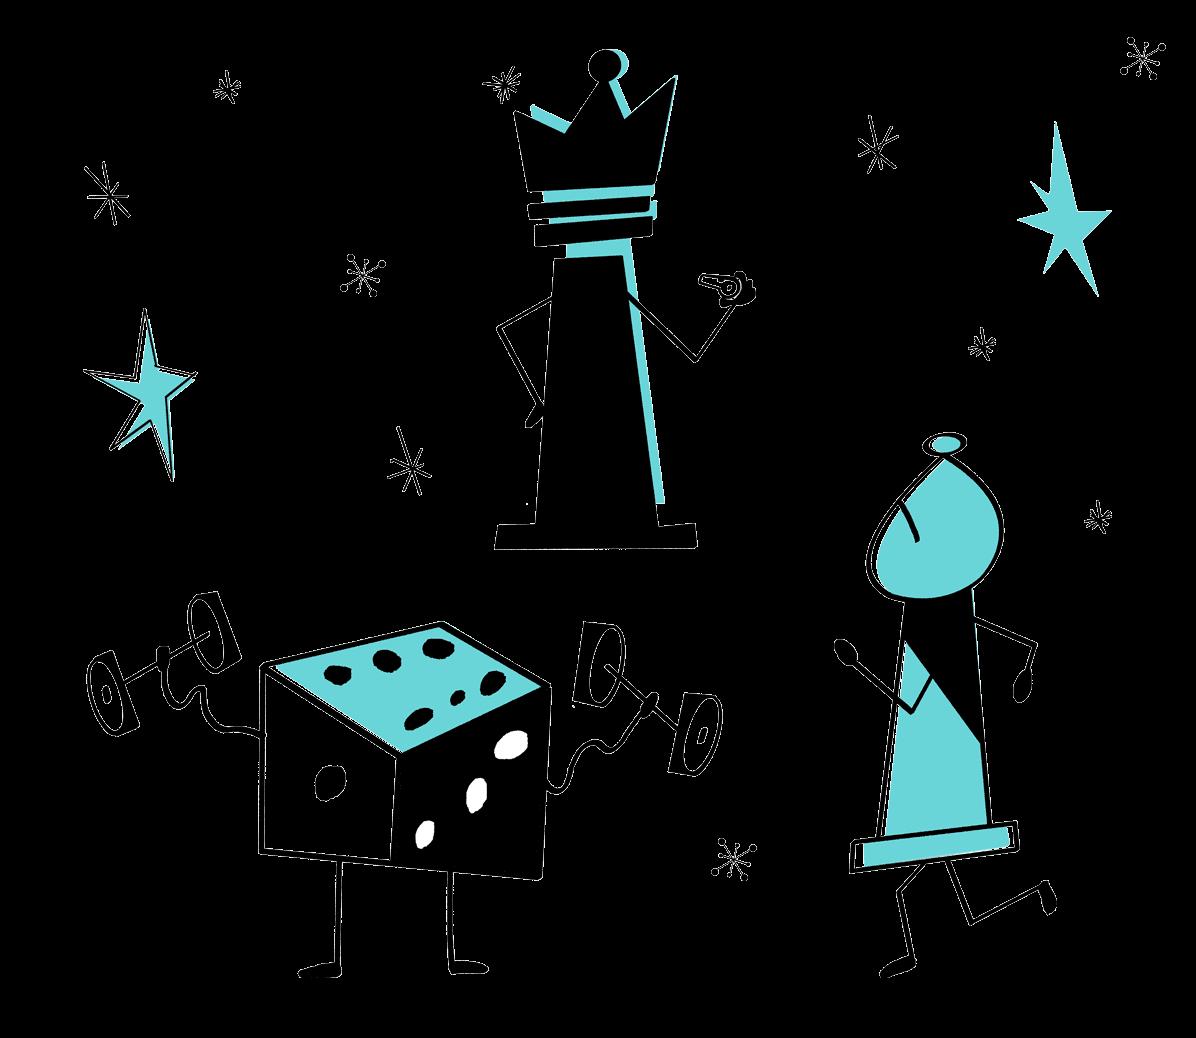 worldofinsights-design-thinking-game_desktop